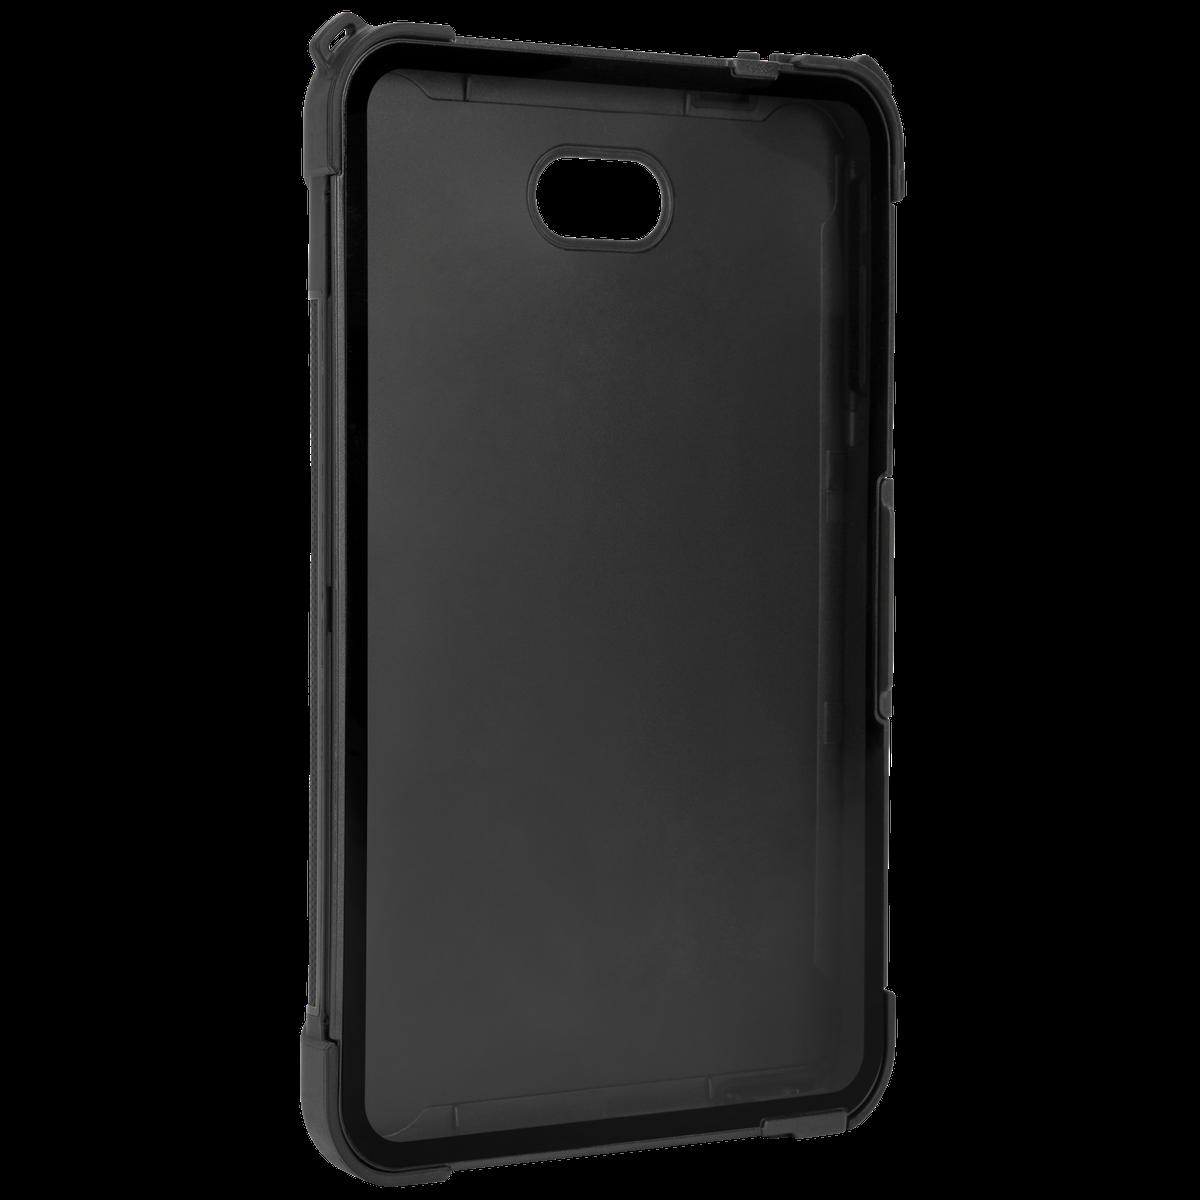 Safeport Rugged Max Pro Case For Dell Venue 8 Pro Model